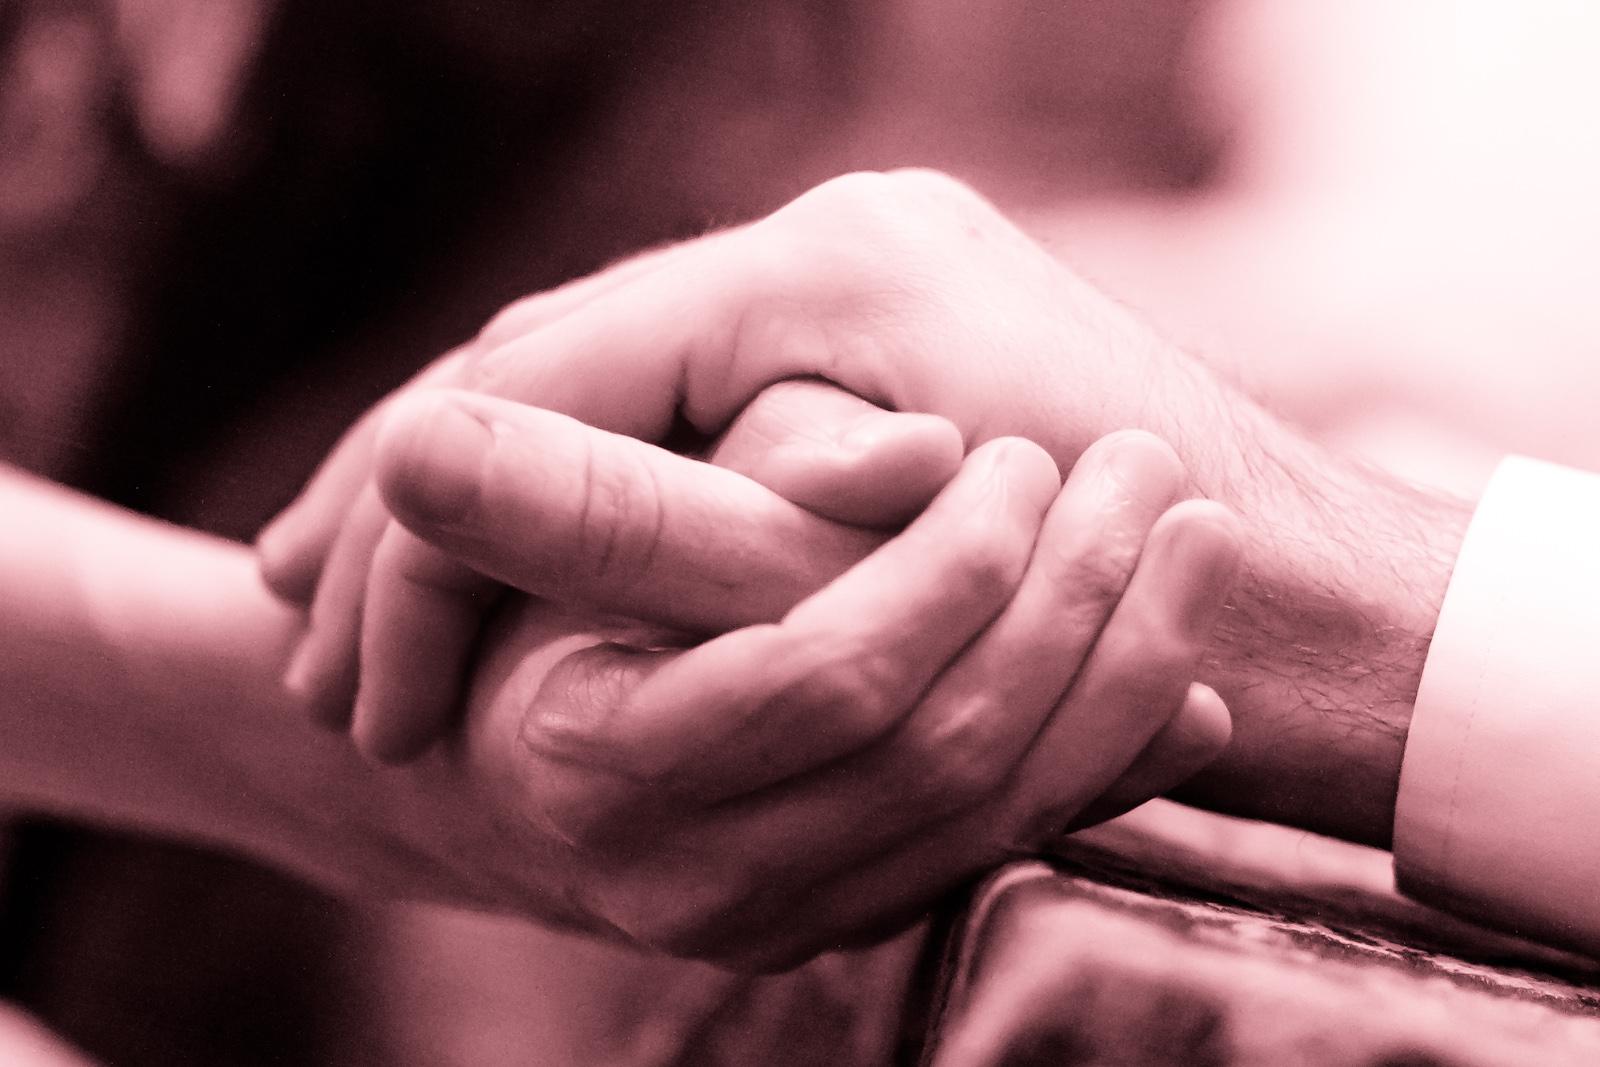 Engaged hands. Av Kenneth Lu. CC-BY